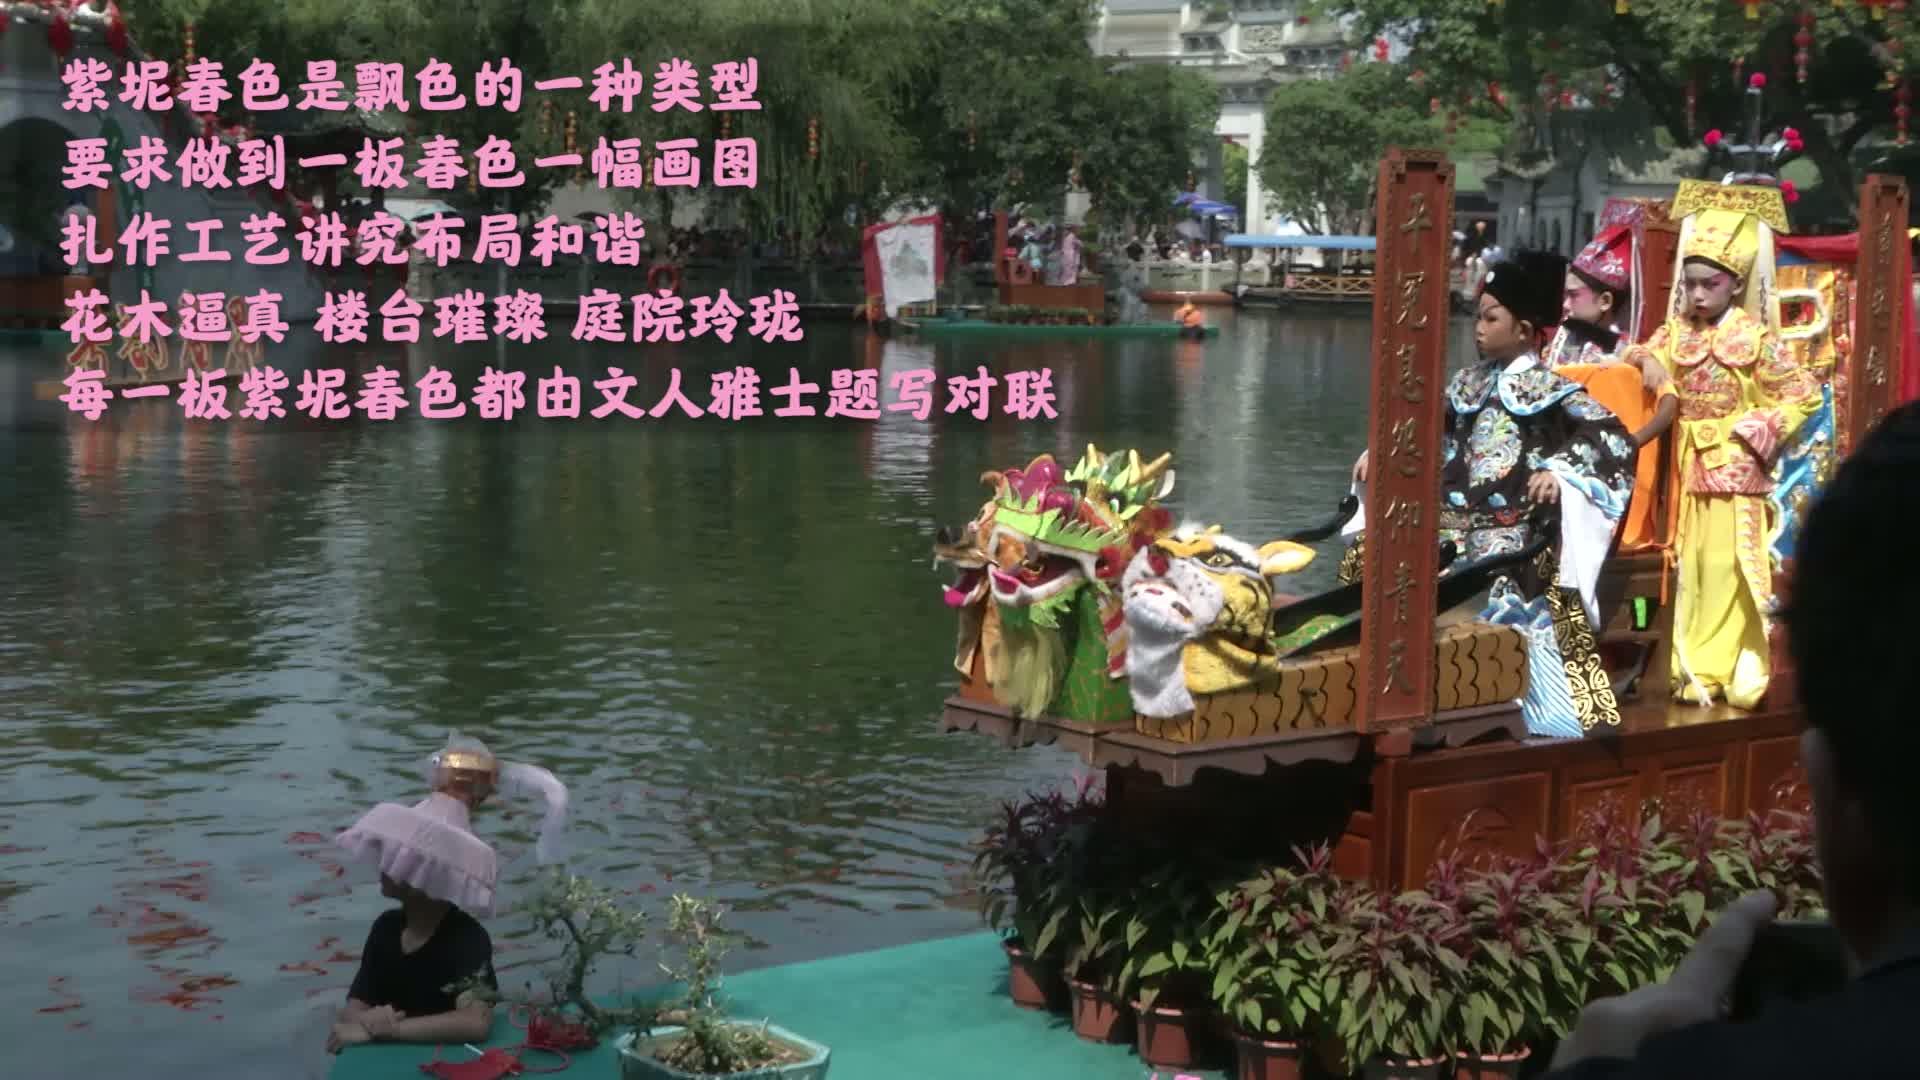 國慶去哪兒?來廣州番禺看飄色表演,沉寂70年的它重出江湖